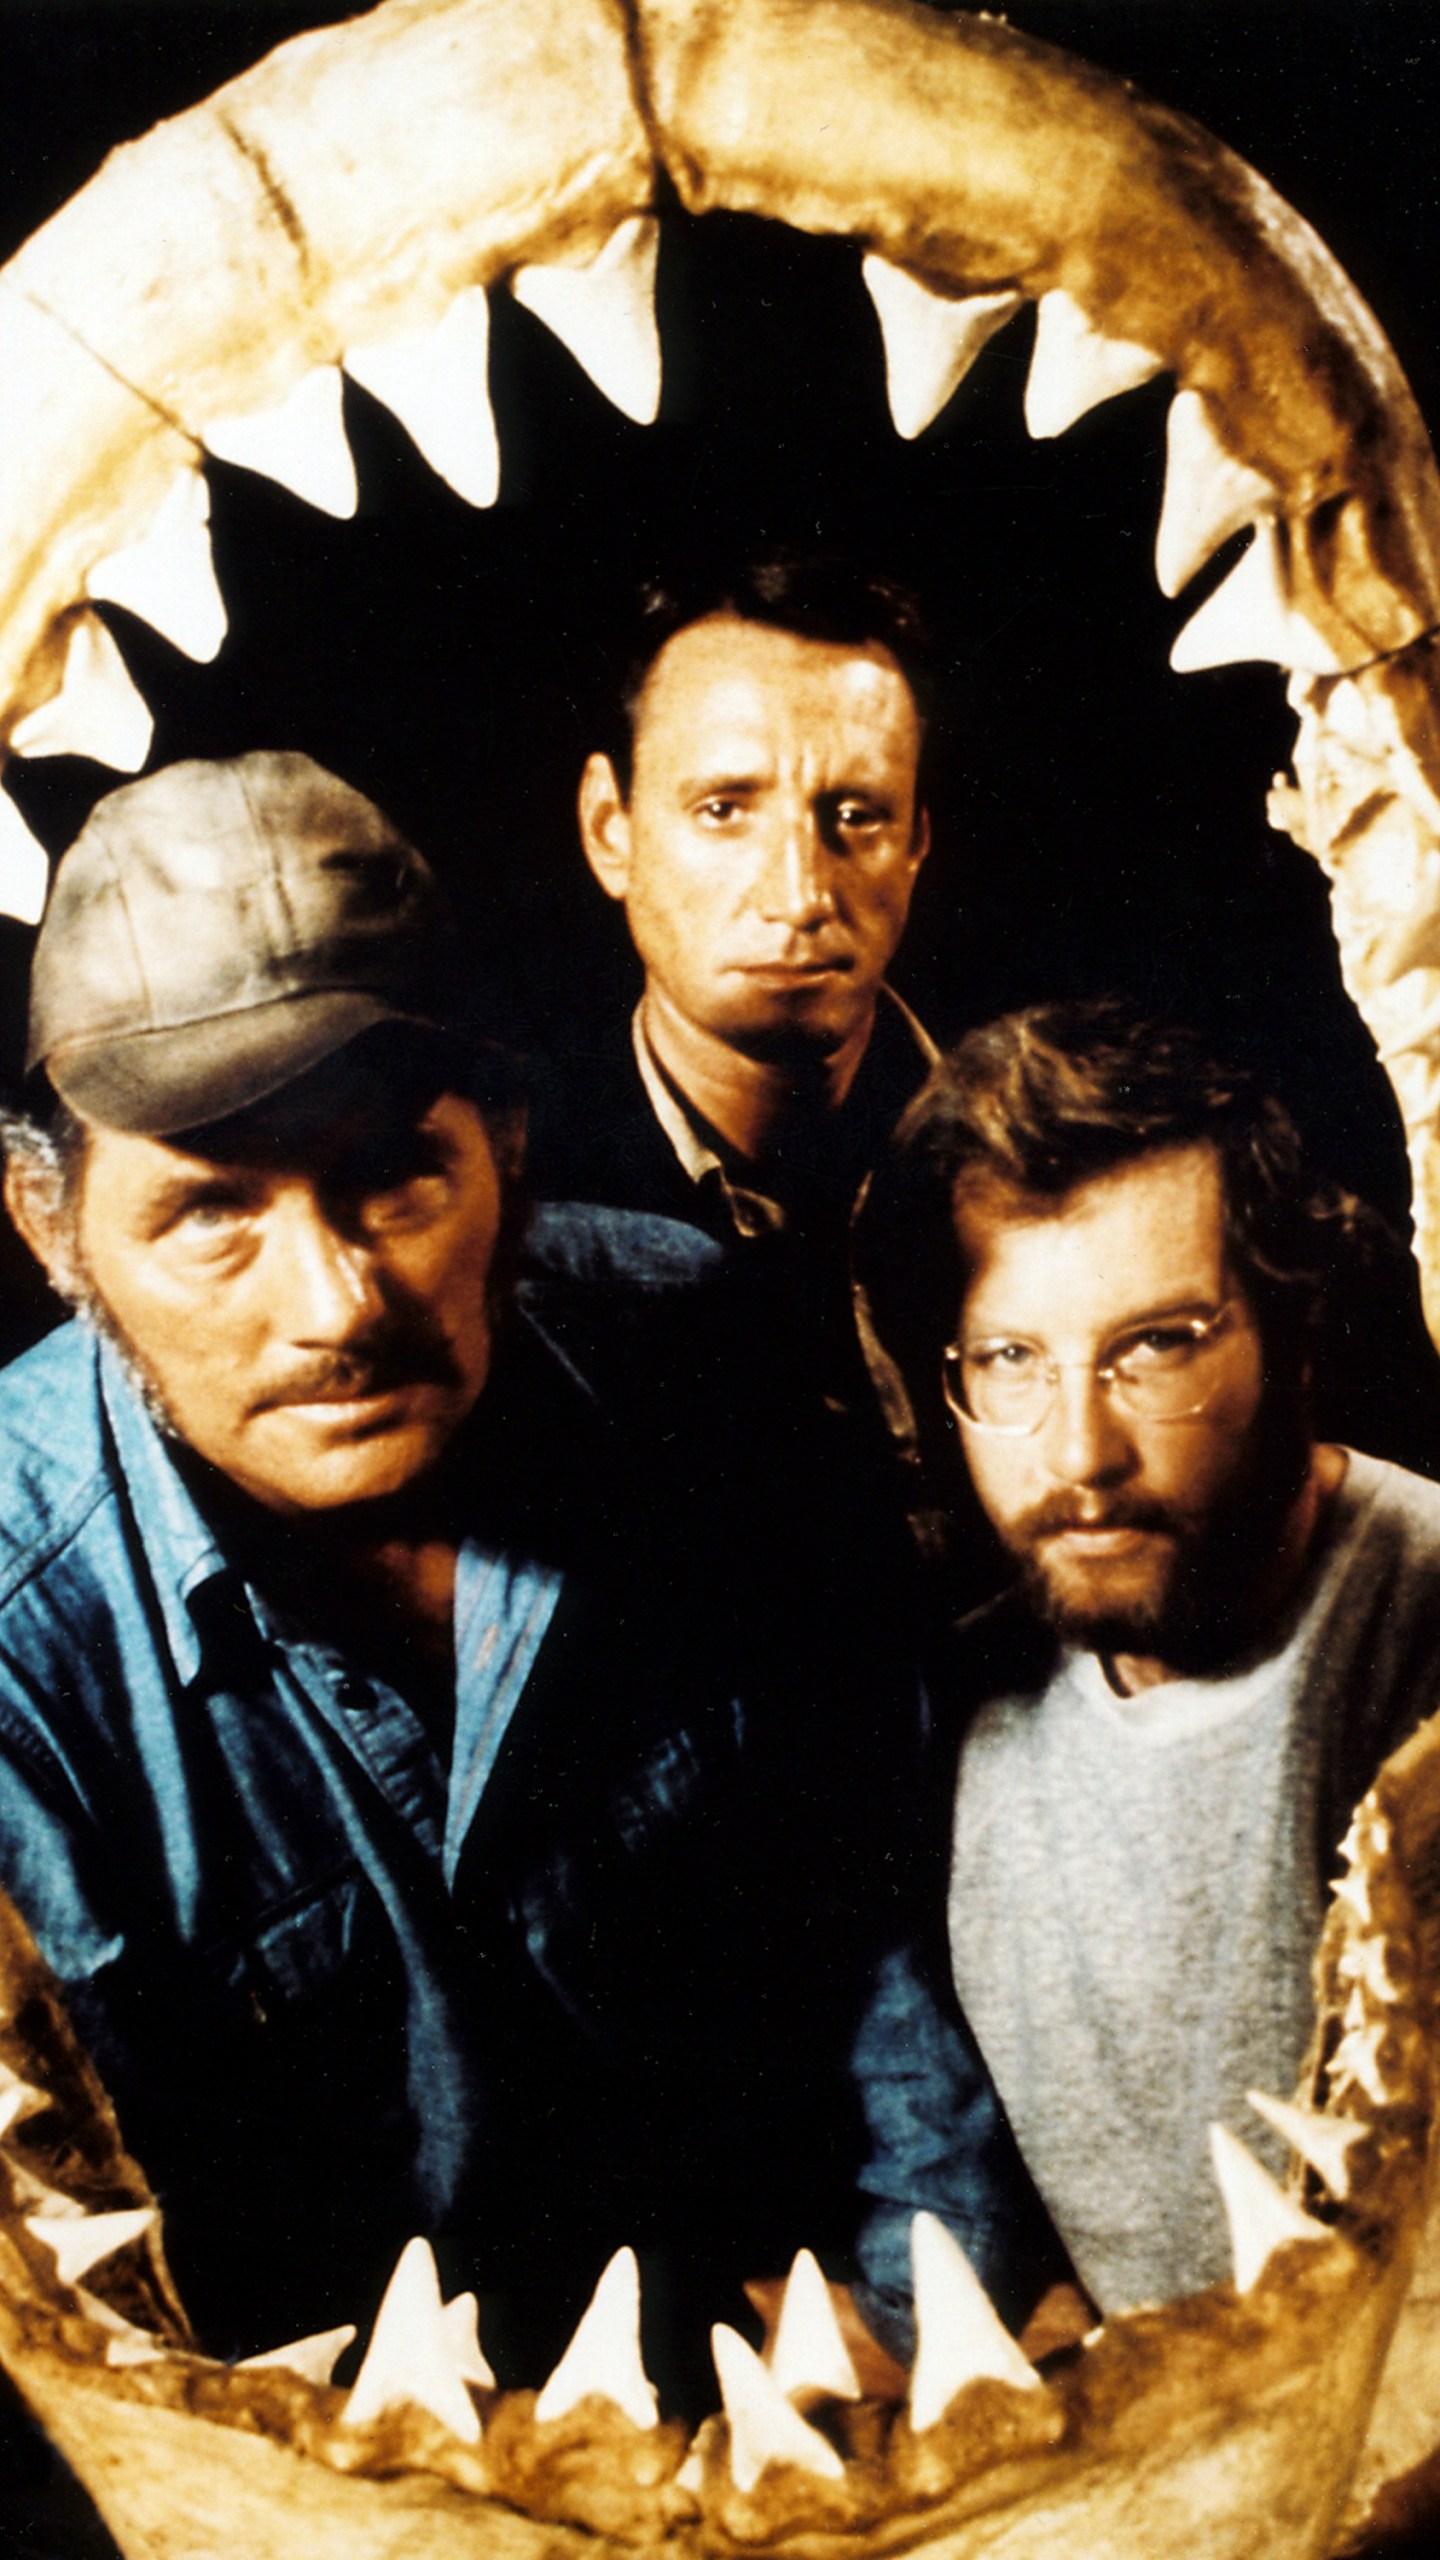 'Jaws' trio